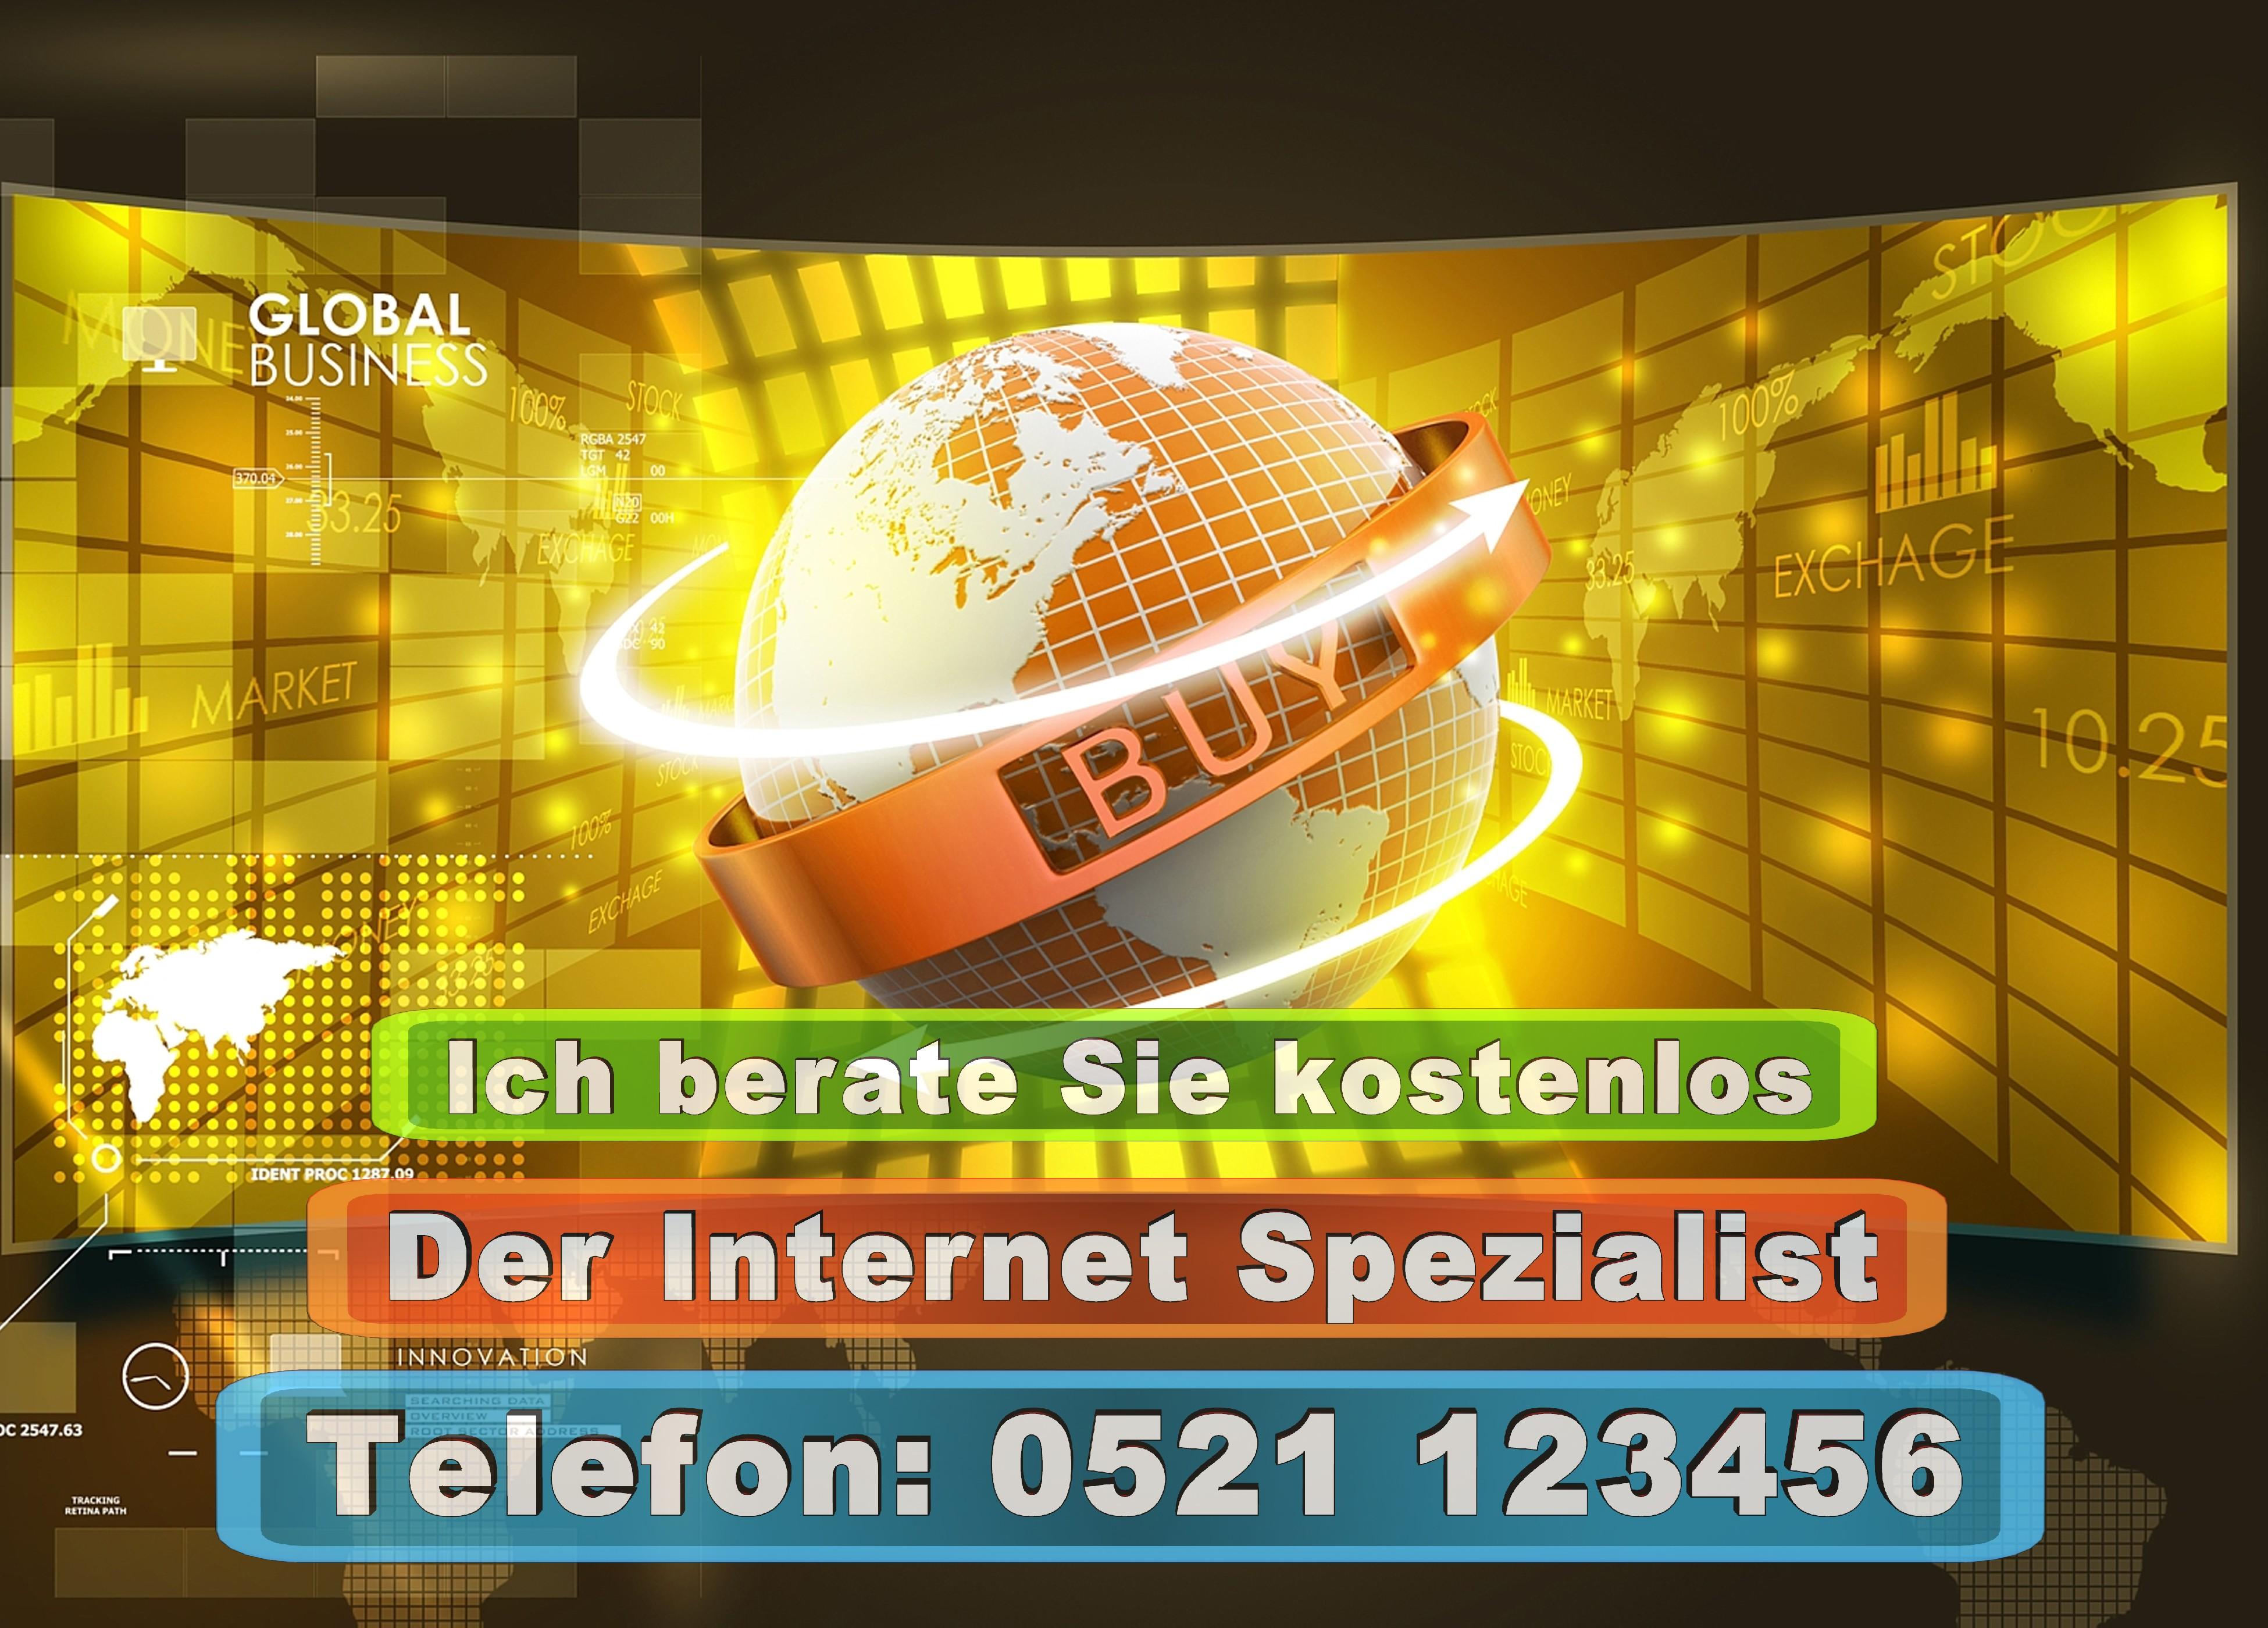 Werbeagentur Bielefeld Druckerei Bielefeld Prospekte Zeitung Visitenkarten Poster Werbung Print Presse Druck Fotografie Fotos Internet (44)